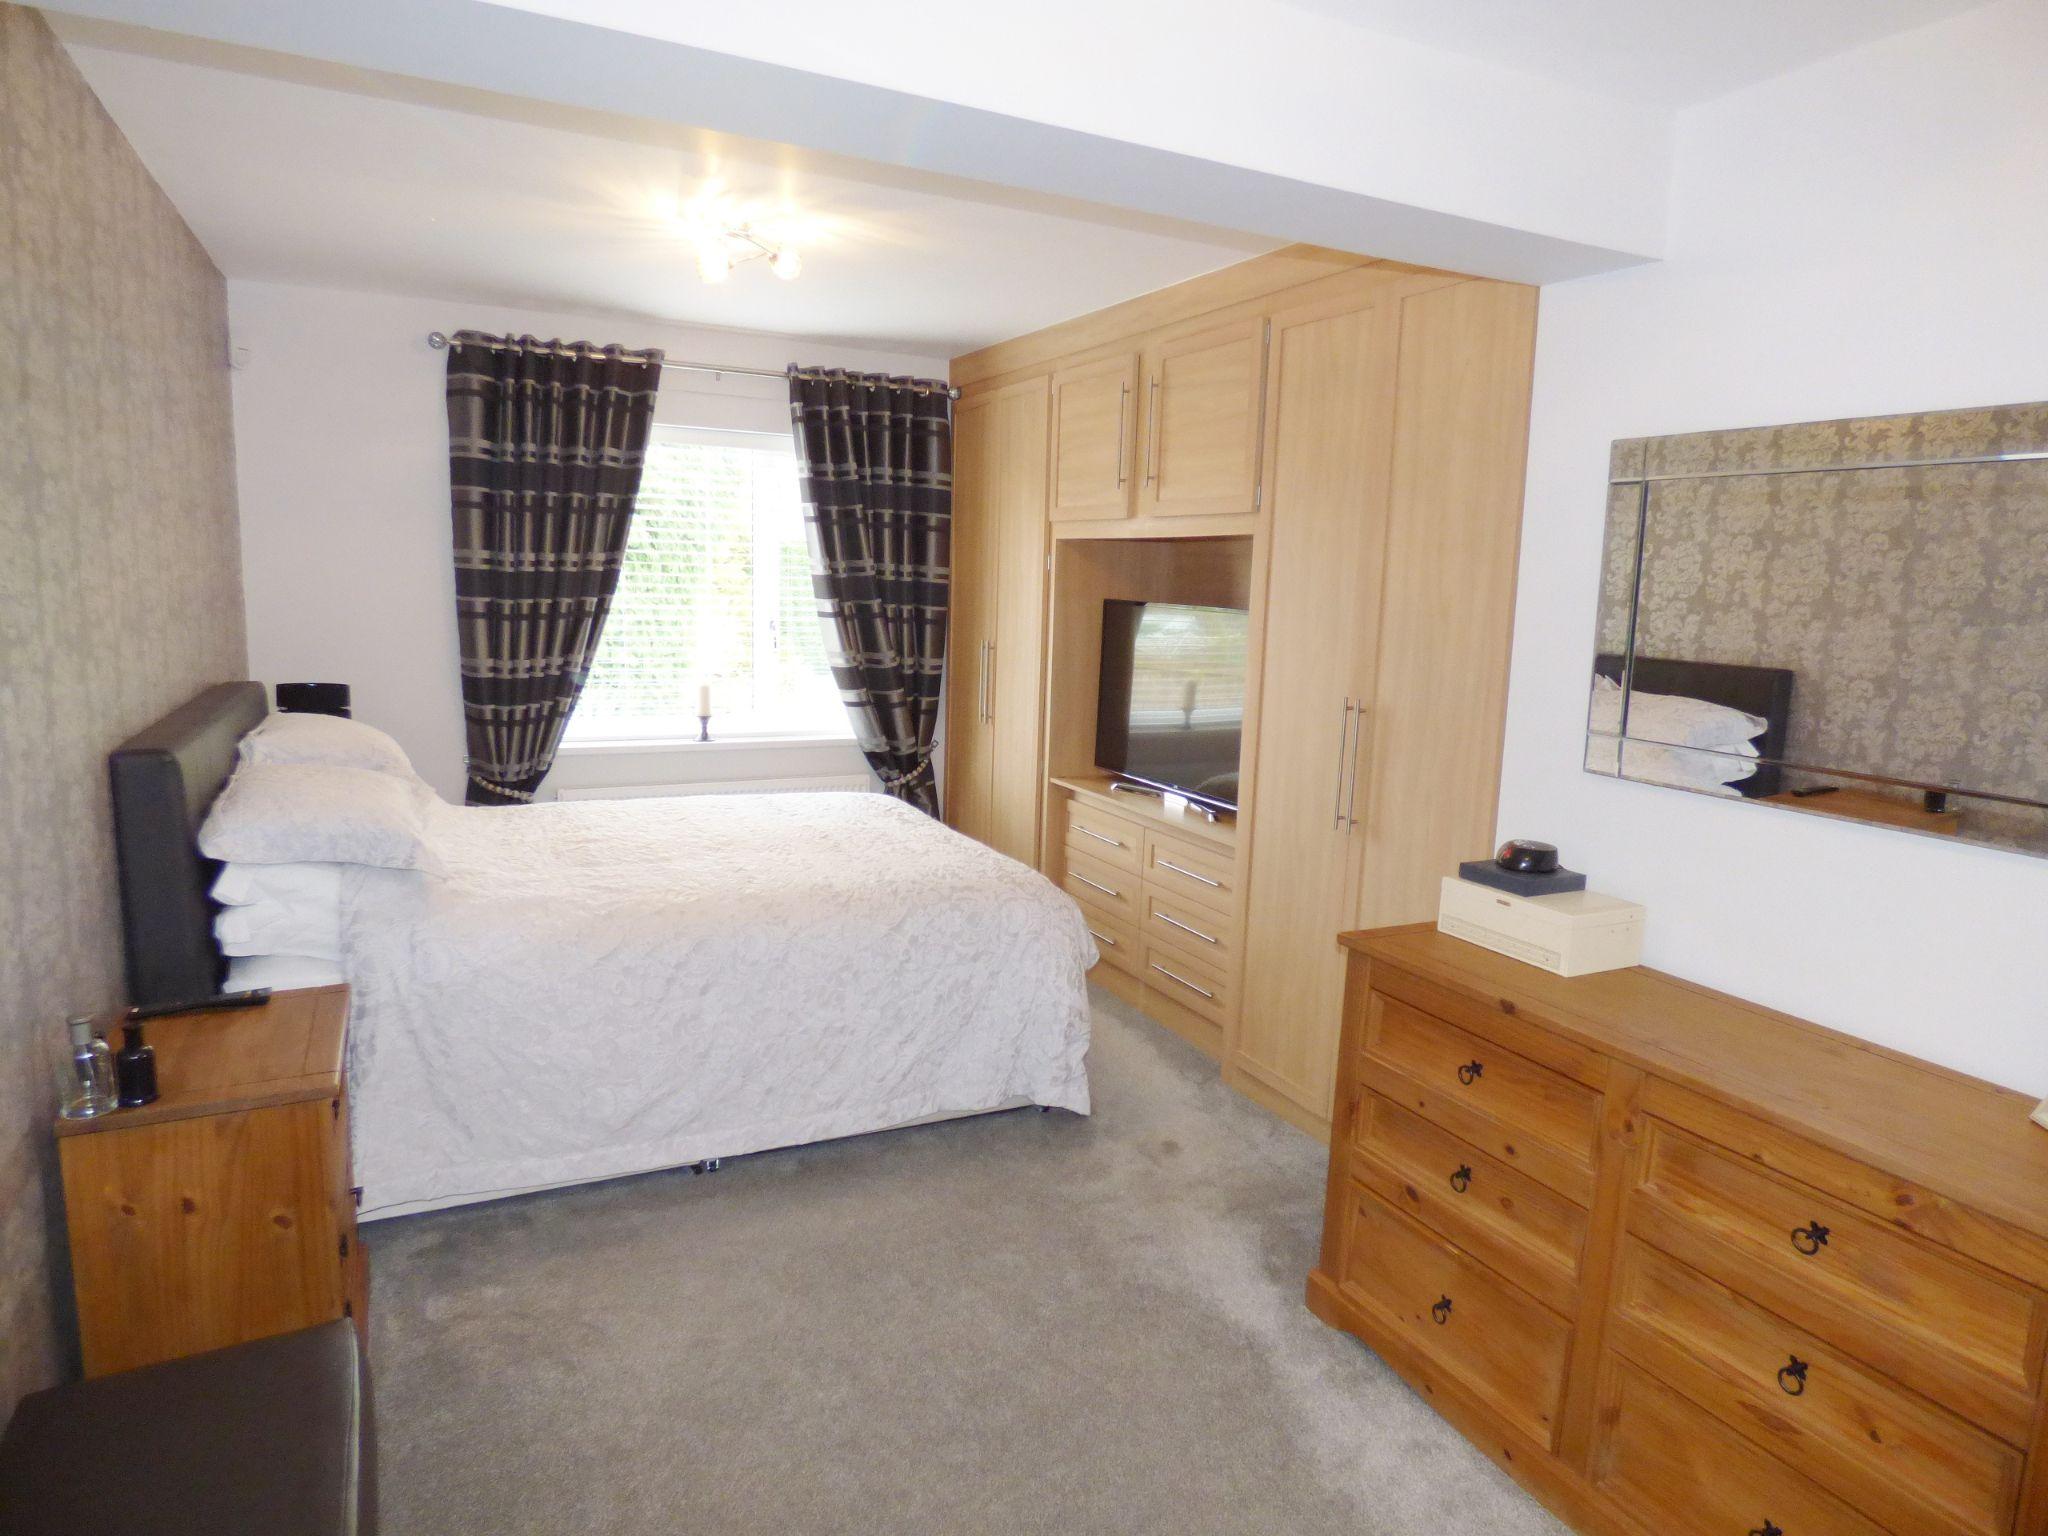 3 Bedroom Detached Bungalow For Sale - Photograph 10